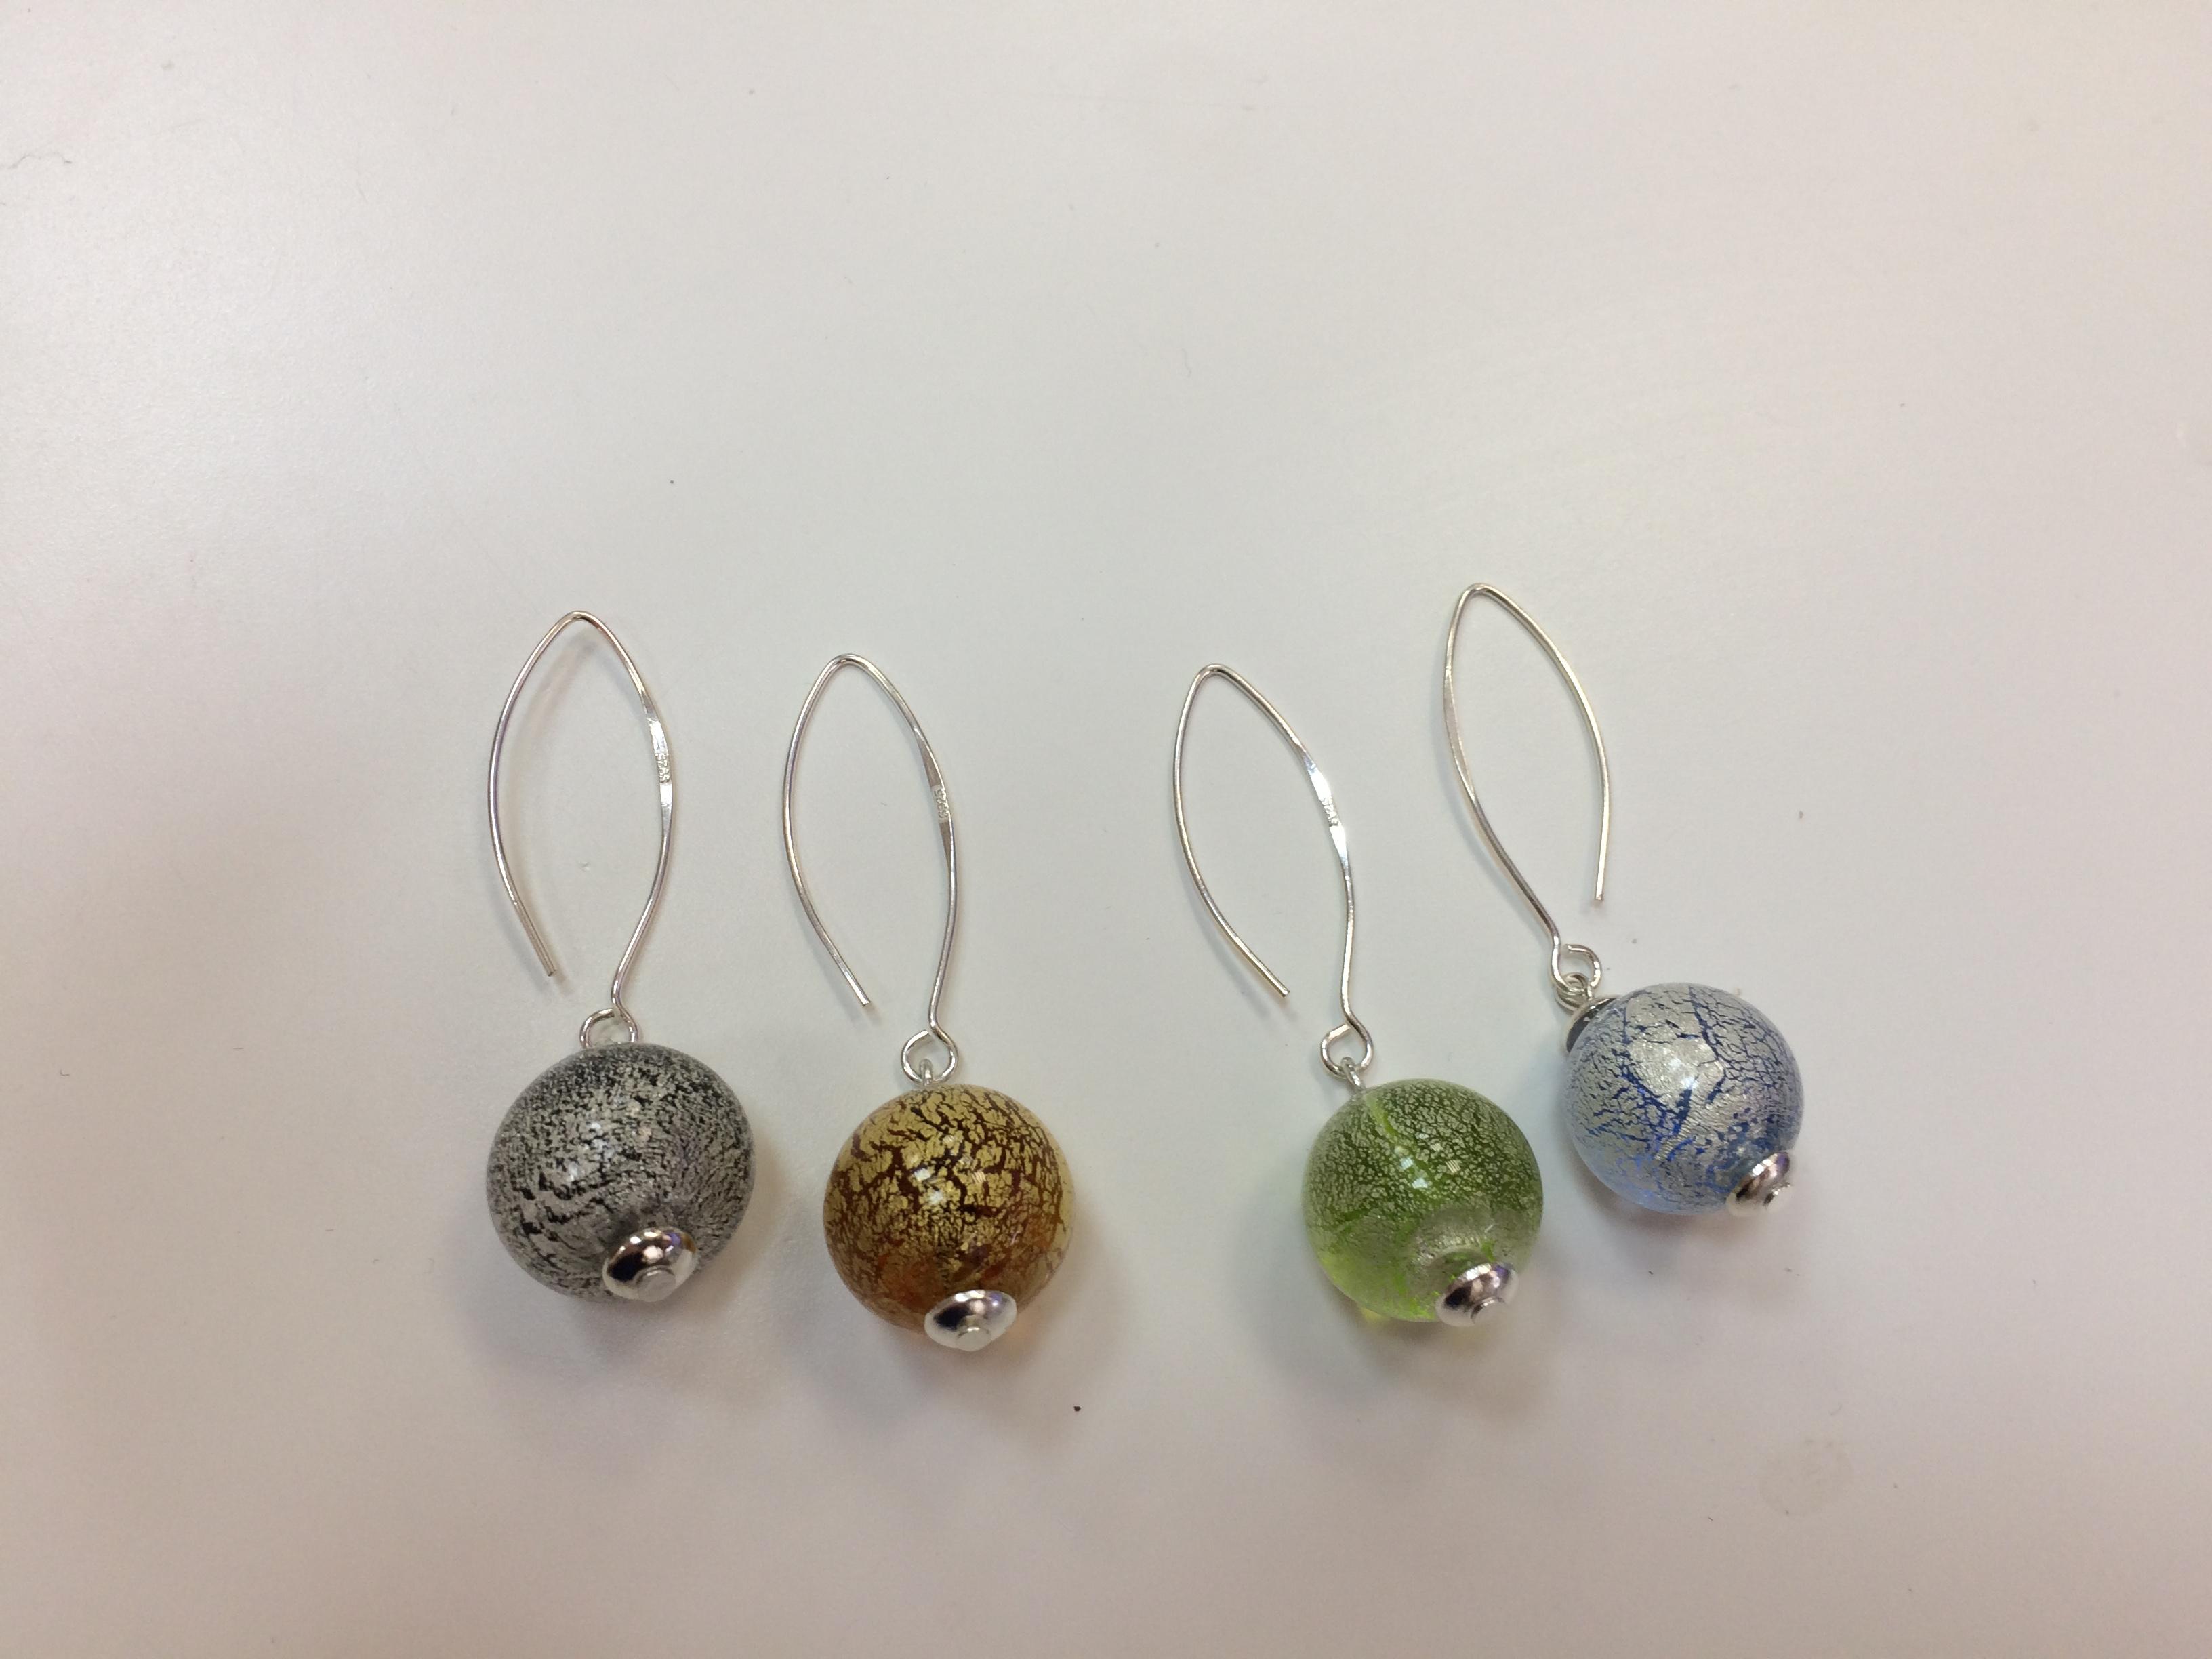 Новые утрамодные серьги. Настоящая драгоценность! Швенза - серебро 925 пробы. Внутри стеклянной бусины песок из настоящего серебра или золота.